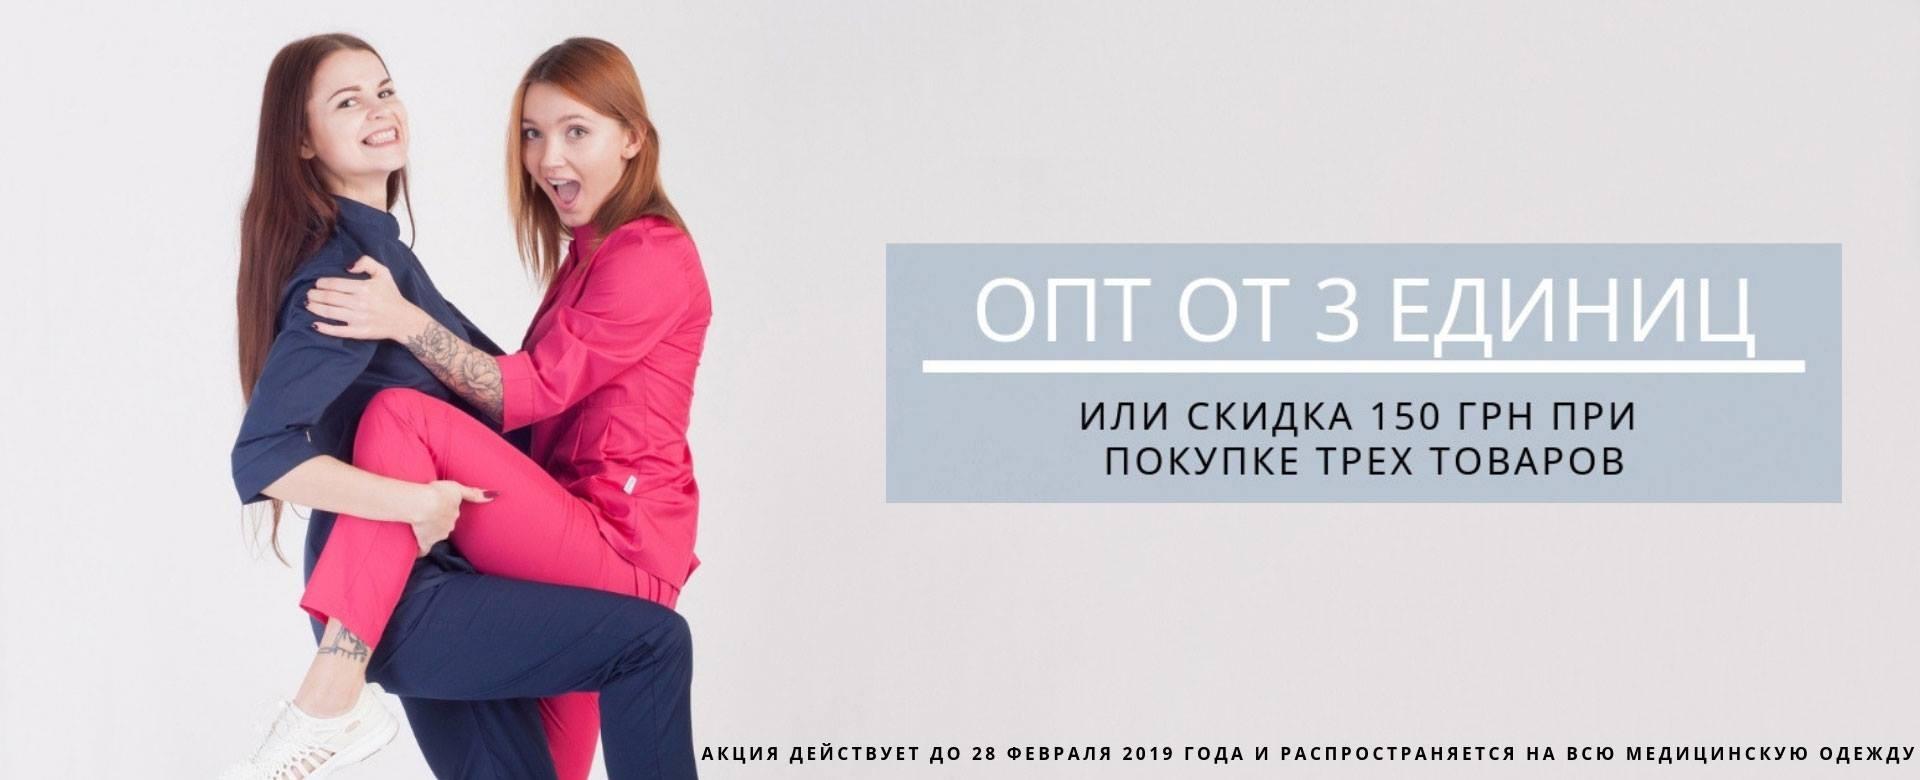 медицинские костюмы украина